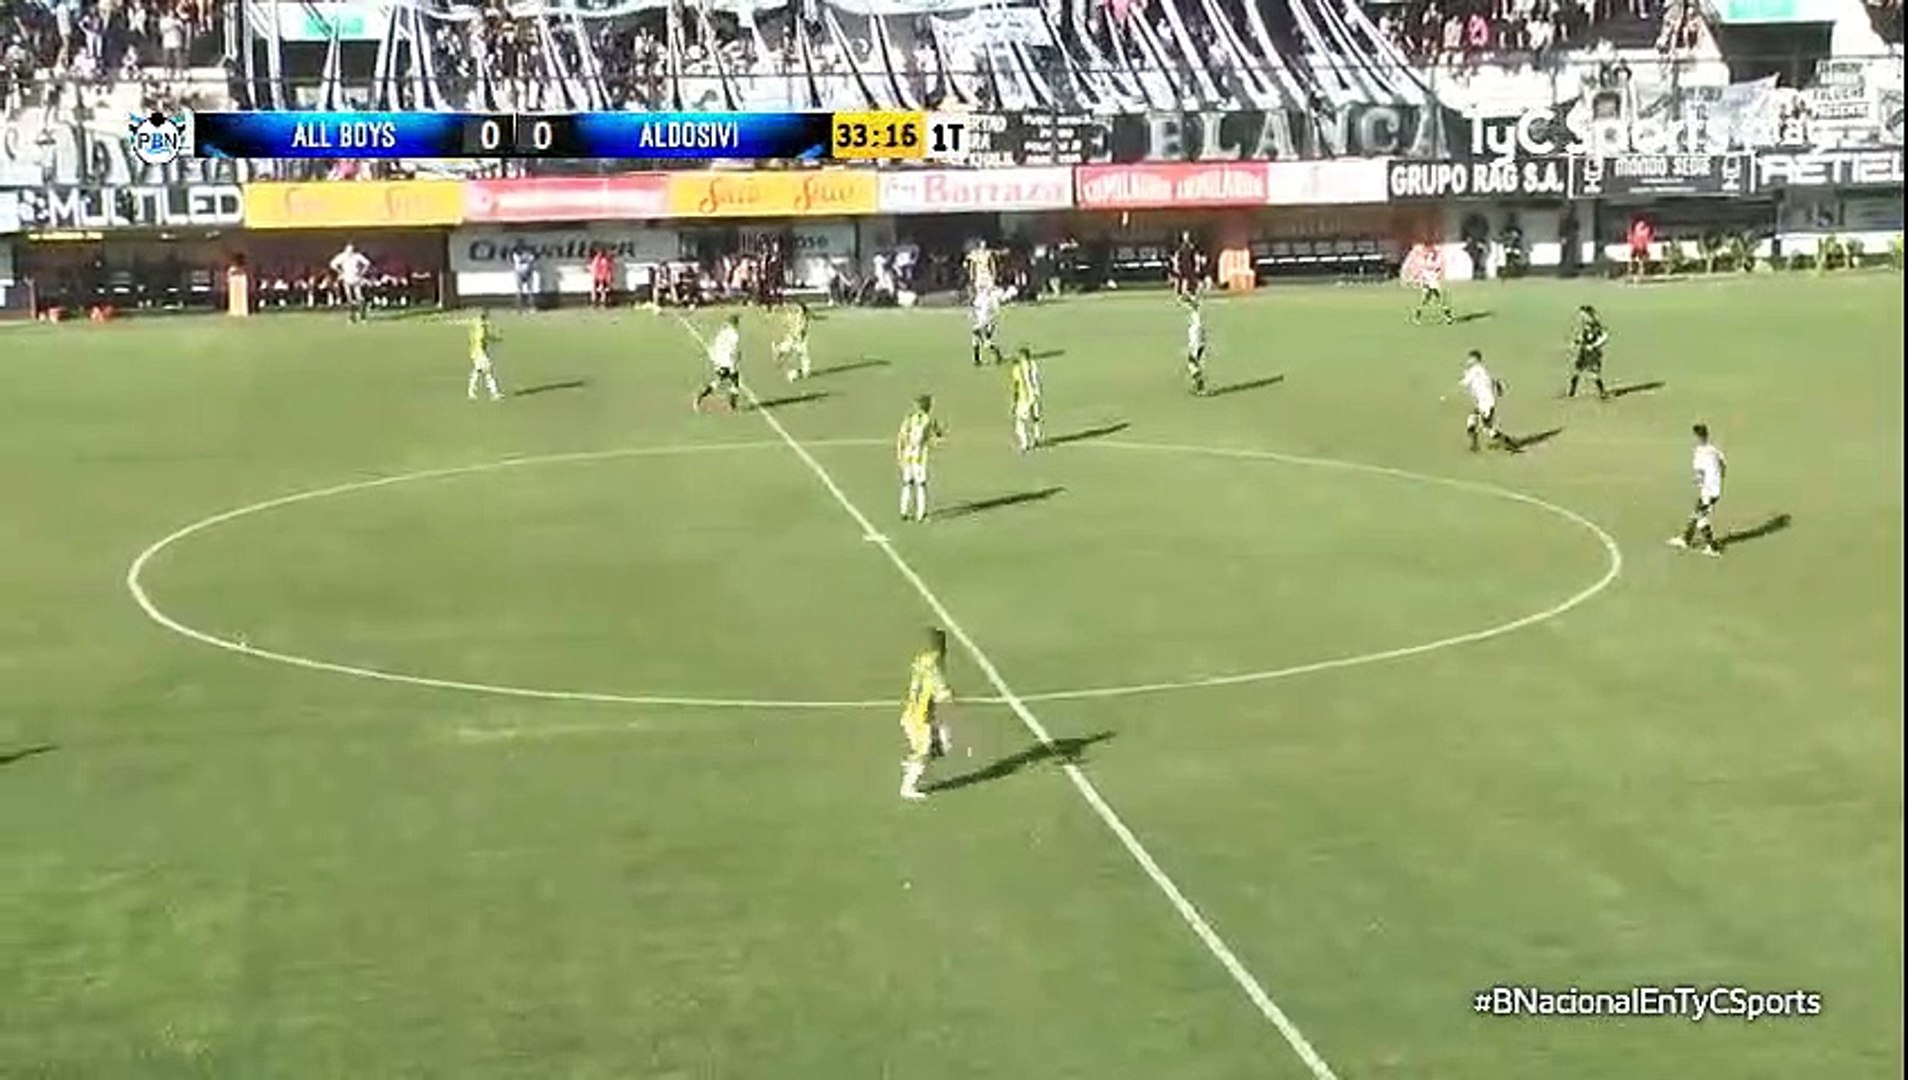 0-1 Fernando Telechea Penalty Goal Argentina  Nacional B - 11.02.2018 All Boys 0-1 CA Aldosivi